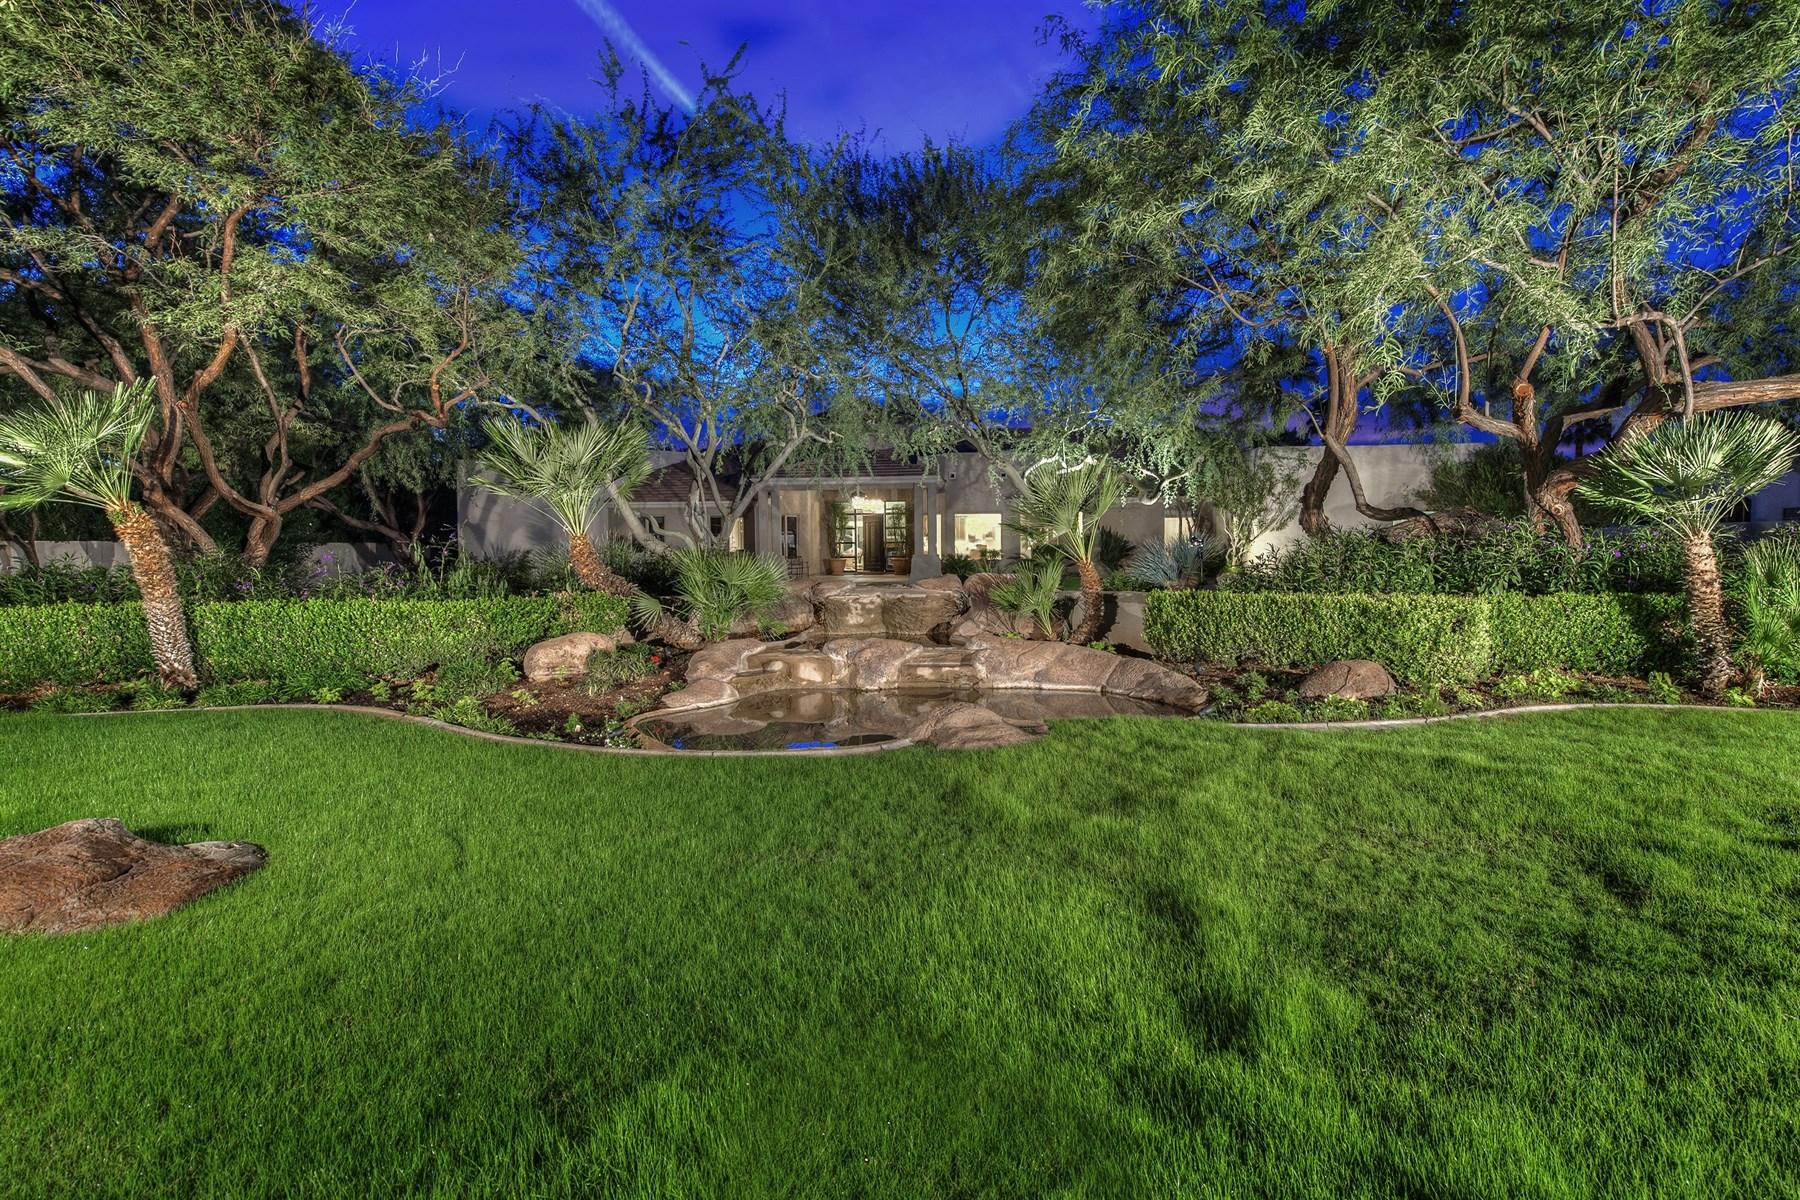 Tek Ailelik Ev için Satış at Beautiful home with private gated entrance 9322 N 71ST ST Paradise Valley, Arizona 85253 Amerika Birleşik Devletleri